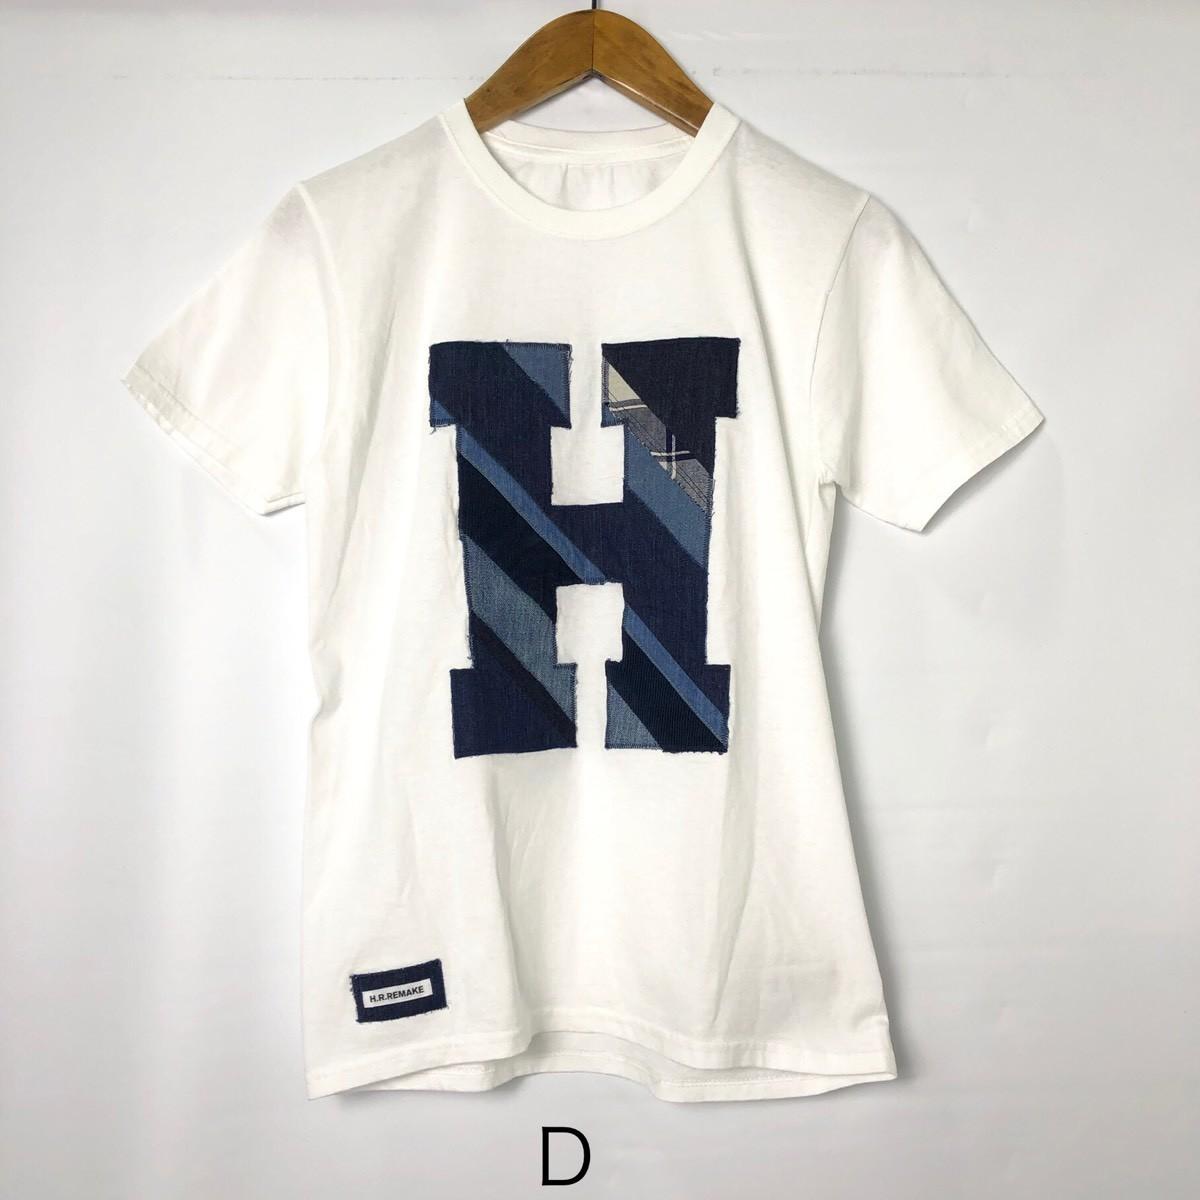 画像2: 【メンズ】エイチアールリメイク(H.R.REMAKE)HRR ミックスパッチワーク HパッチTシャツ (2)